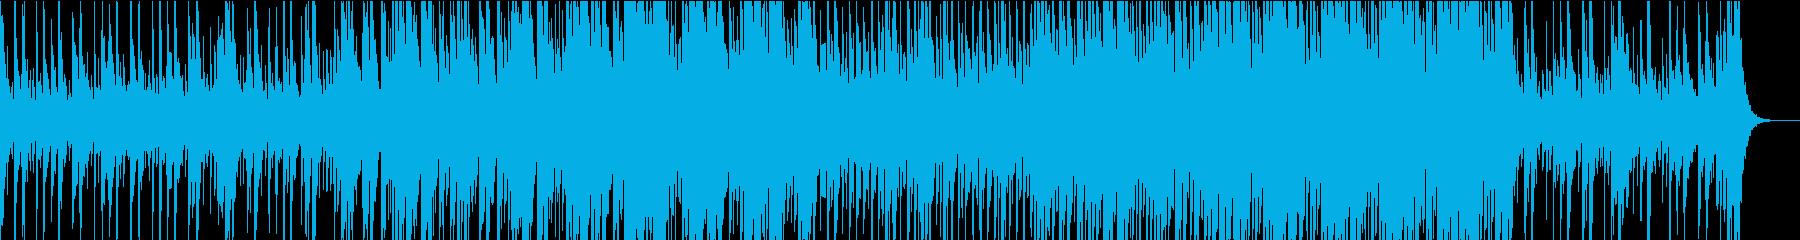 現代的 交響曲 スポーツ 打楽器 ドラムの再生済みの波形